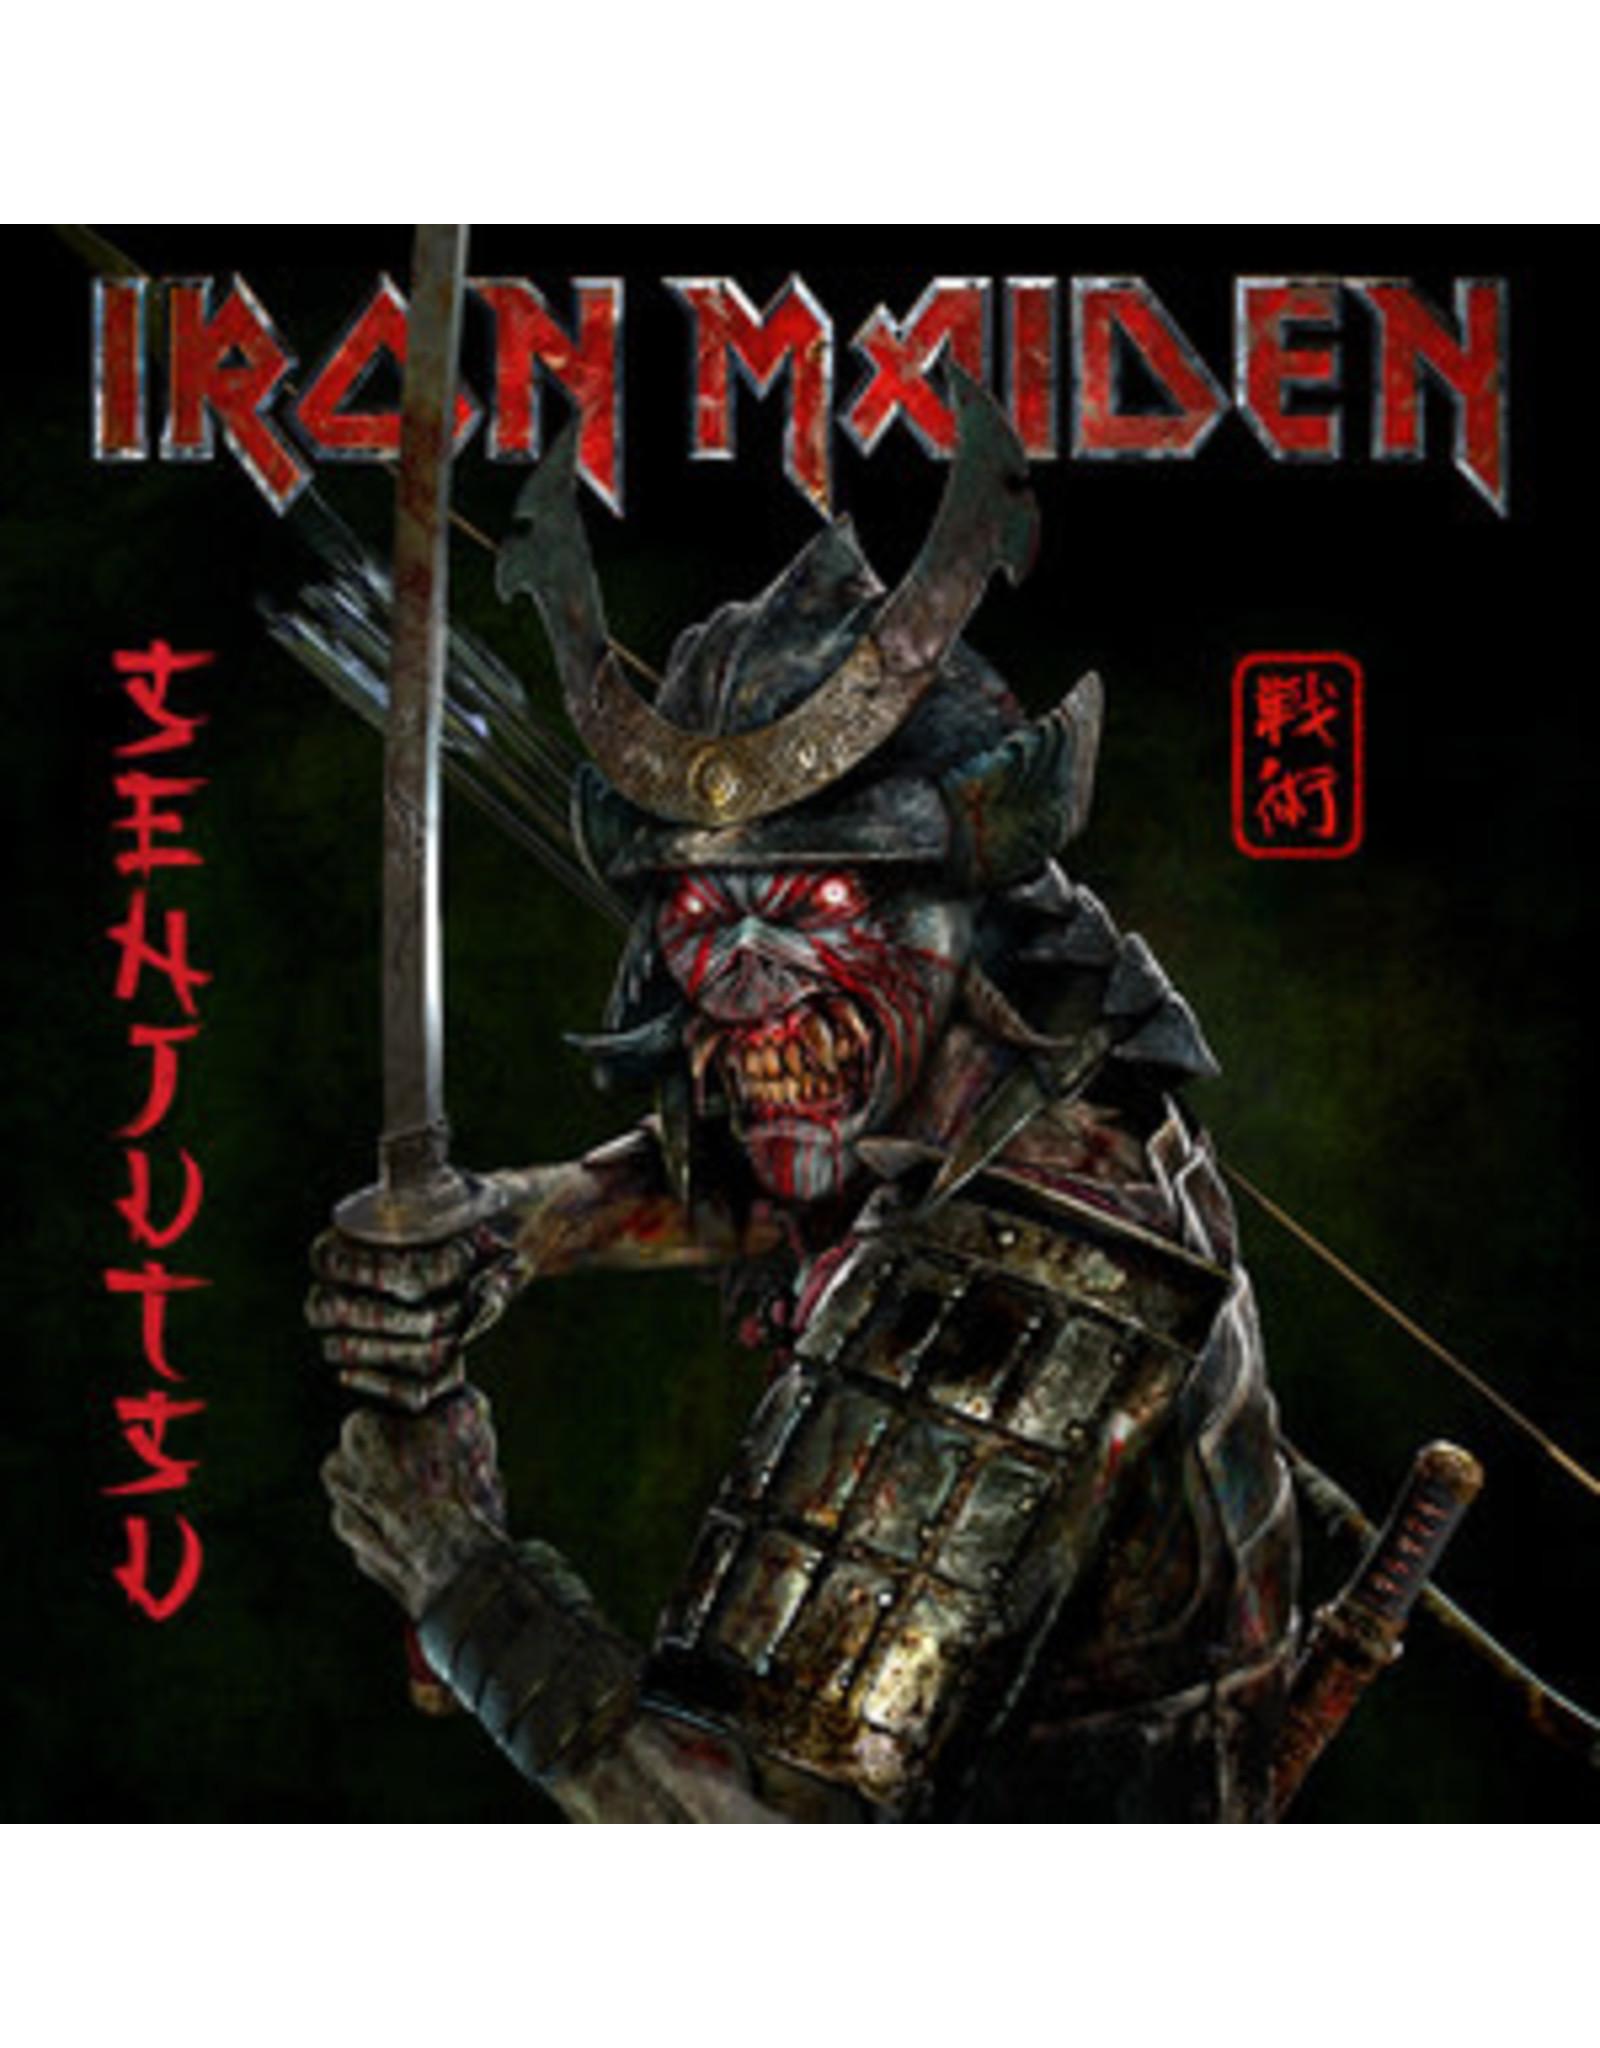 Iron Maiden - Senjutsu 3LP (180G Red & Black Marble Vinyl)